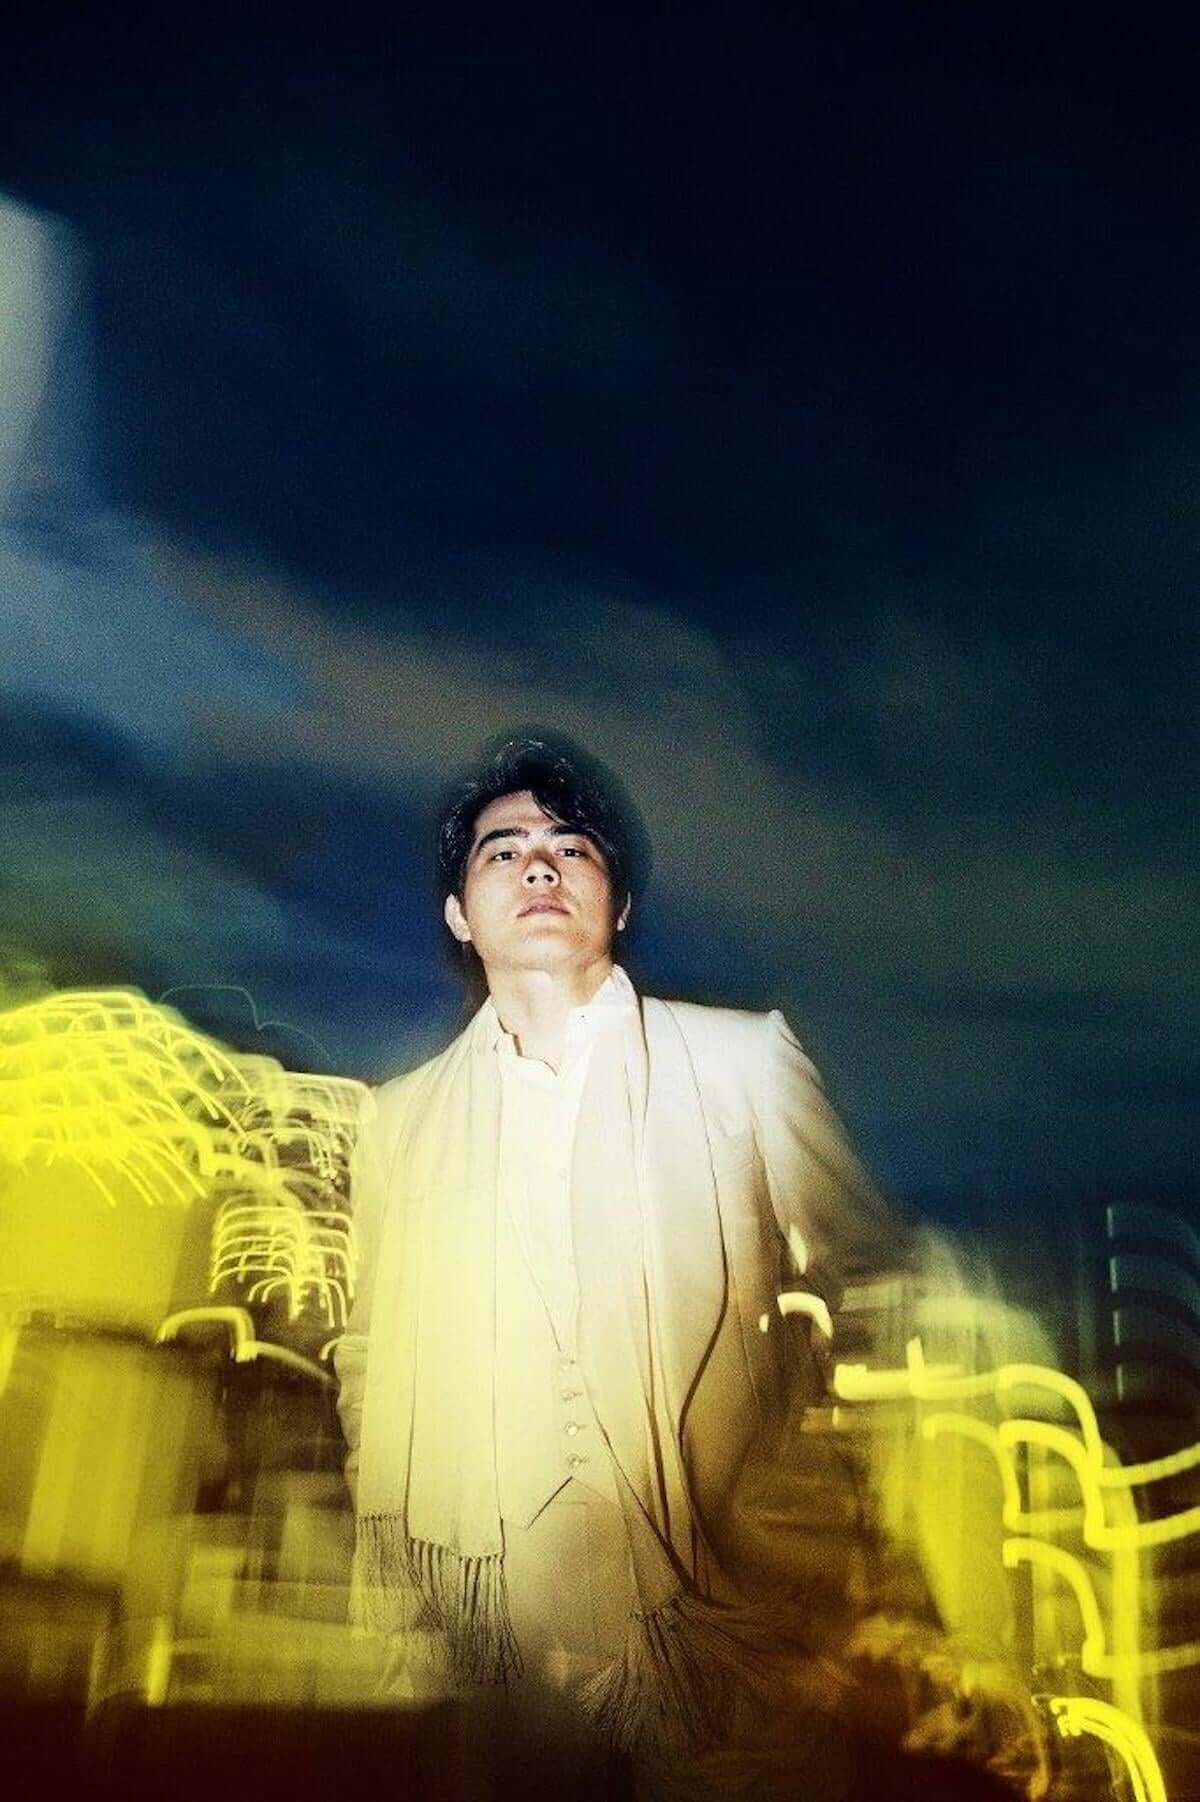 高岩遼、アルバム『10』発売前夜に公開生インタビューの緊急開催が決定|日本人初の「Spotify Listening Party」も music181016-takaiwa-ryo-1-1200x1802